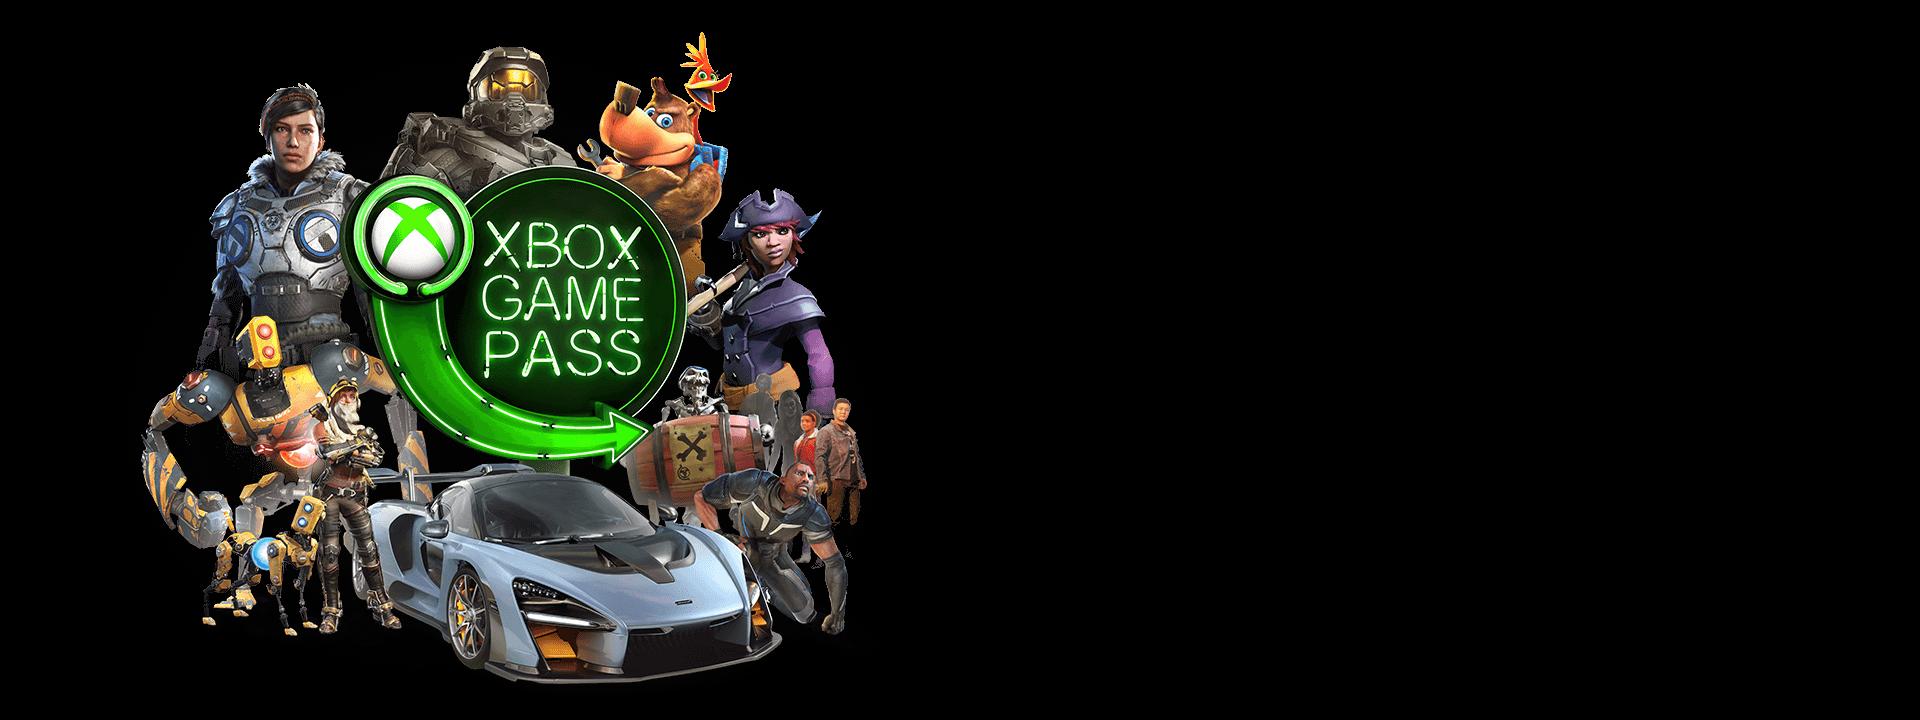 Λογότυπο του Xbox Game Pass με πολλούς χαρακτήρες της Microsoft γύρω του